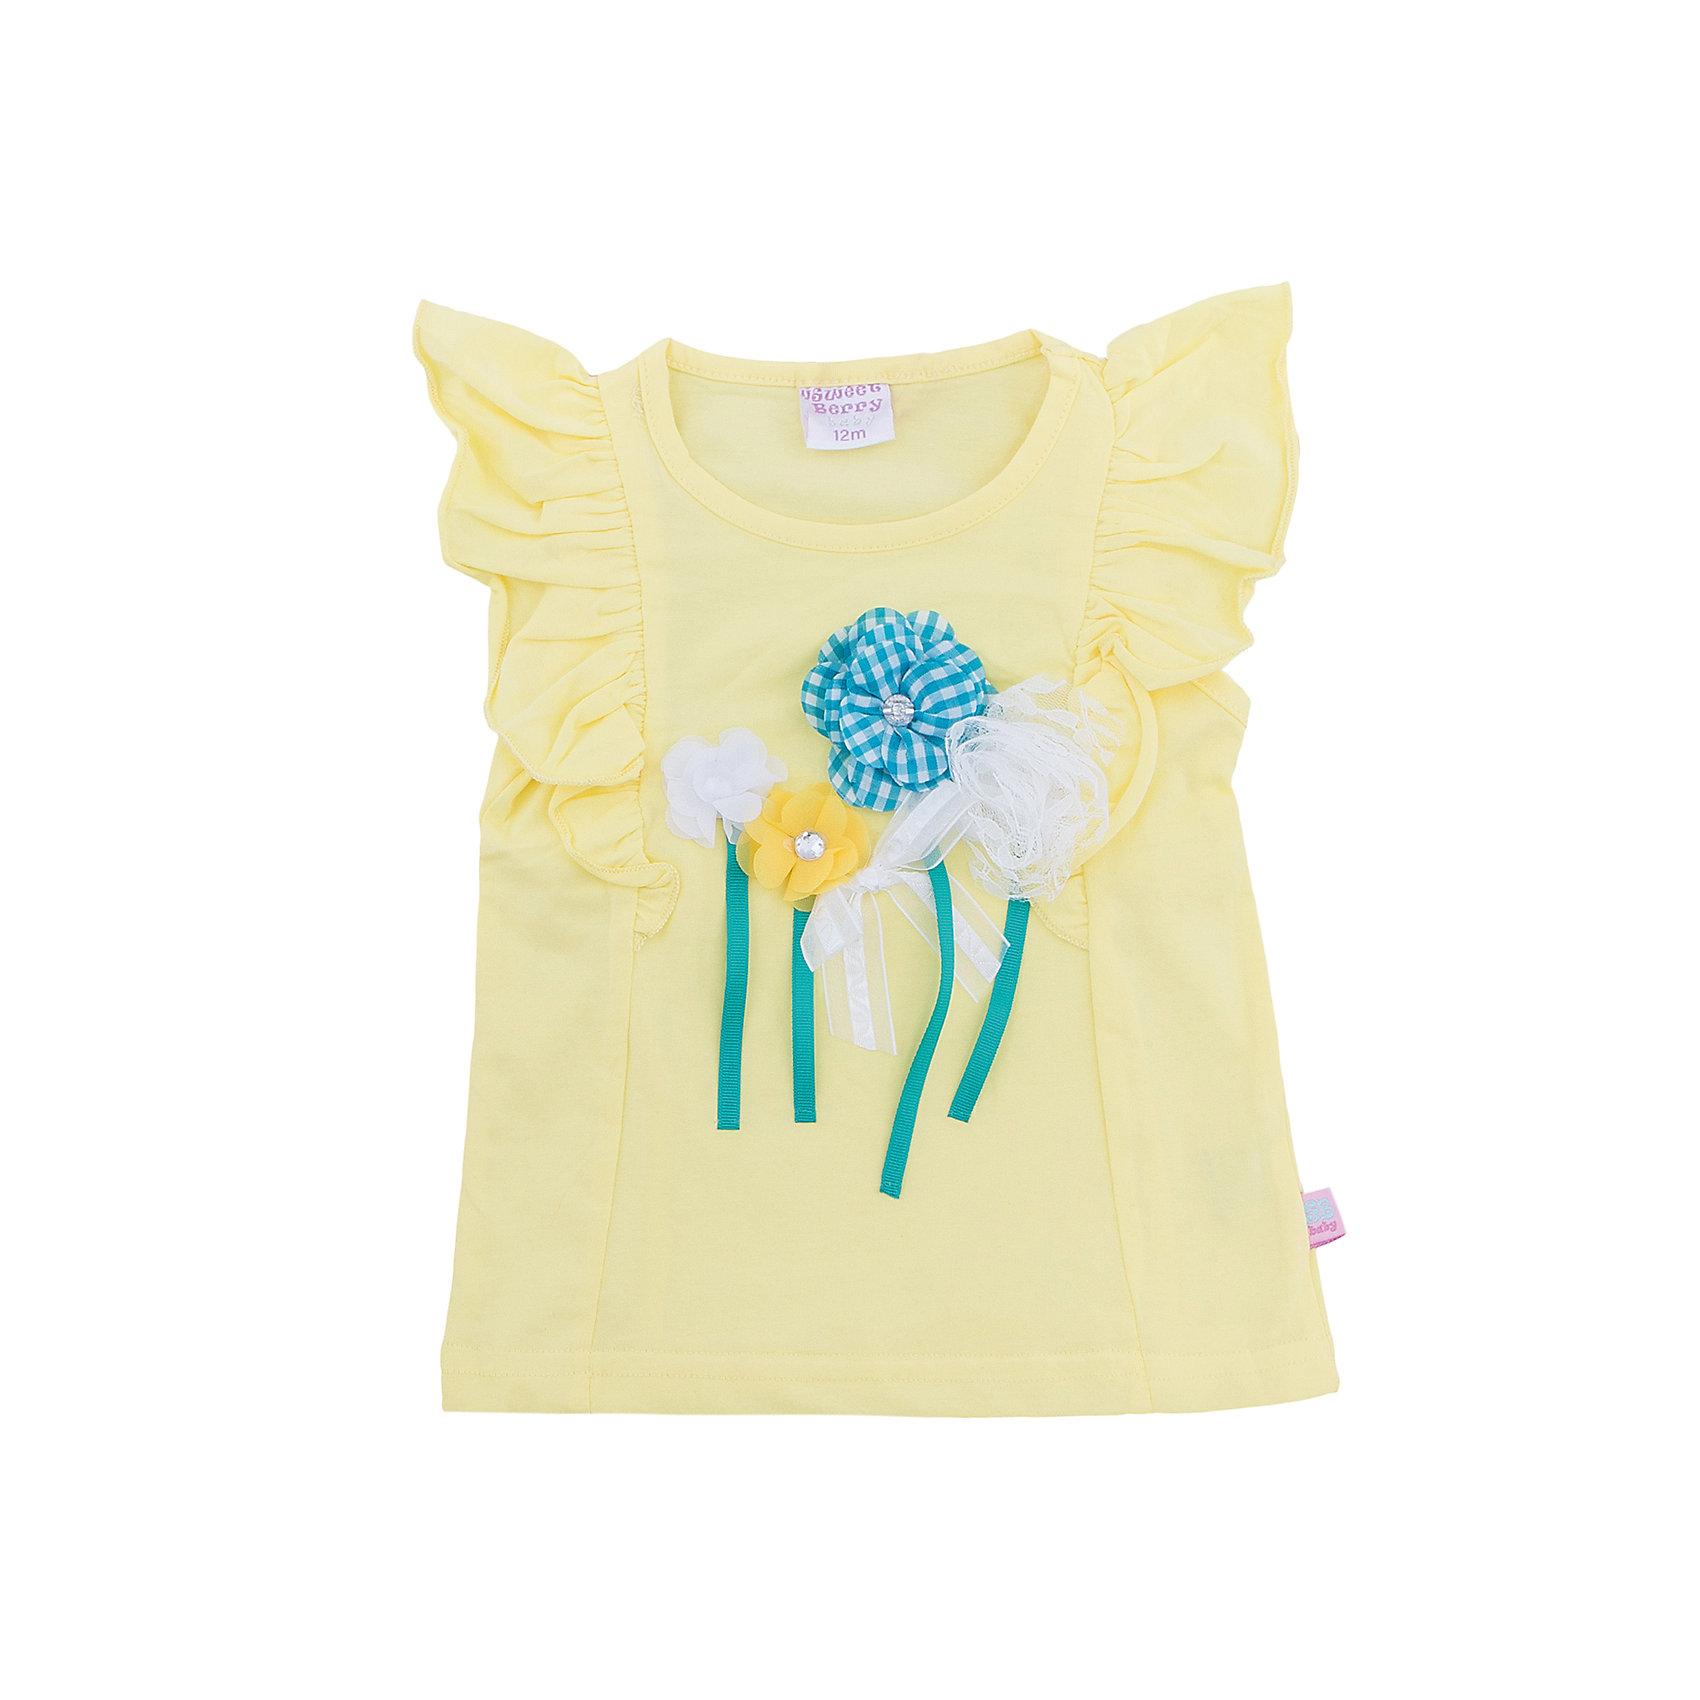 Майка для девочки Sweet BerryФутболки, поло и топы<br>Стильная, желтая футболка из хлопка для девочки. Рукава декорированы воланами. Полочка украшена цветочной аппликацией. Приталенный крой.<br>Состав:<br>95%хлопок 5%эластан<br><br>Ширина мм: 199<br>Глубина мм: 10<br>Высота мм: 161<br>Вес г: 151<br>Цвет: желтый<br>Возраст от месяцев: 12<br>Возраст до месяцев: 15<br>Пол: Женский<br>Возраст: Детский<br>Размер: 80,86,92,98<br>SKU: 5411252